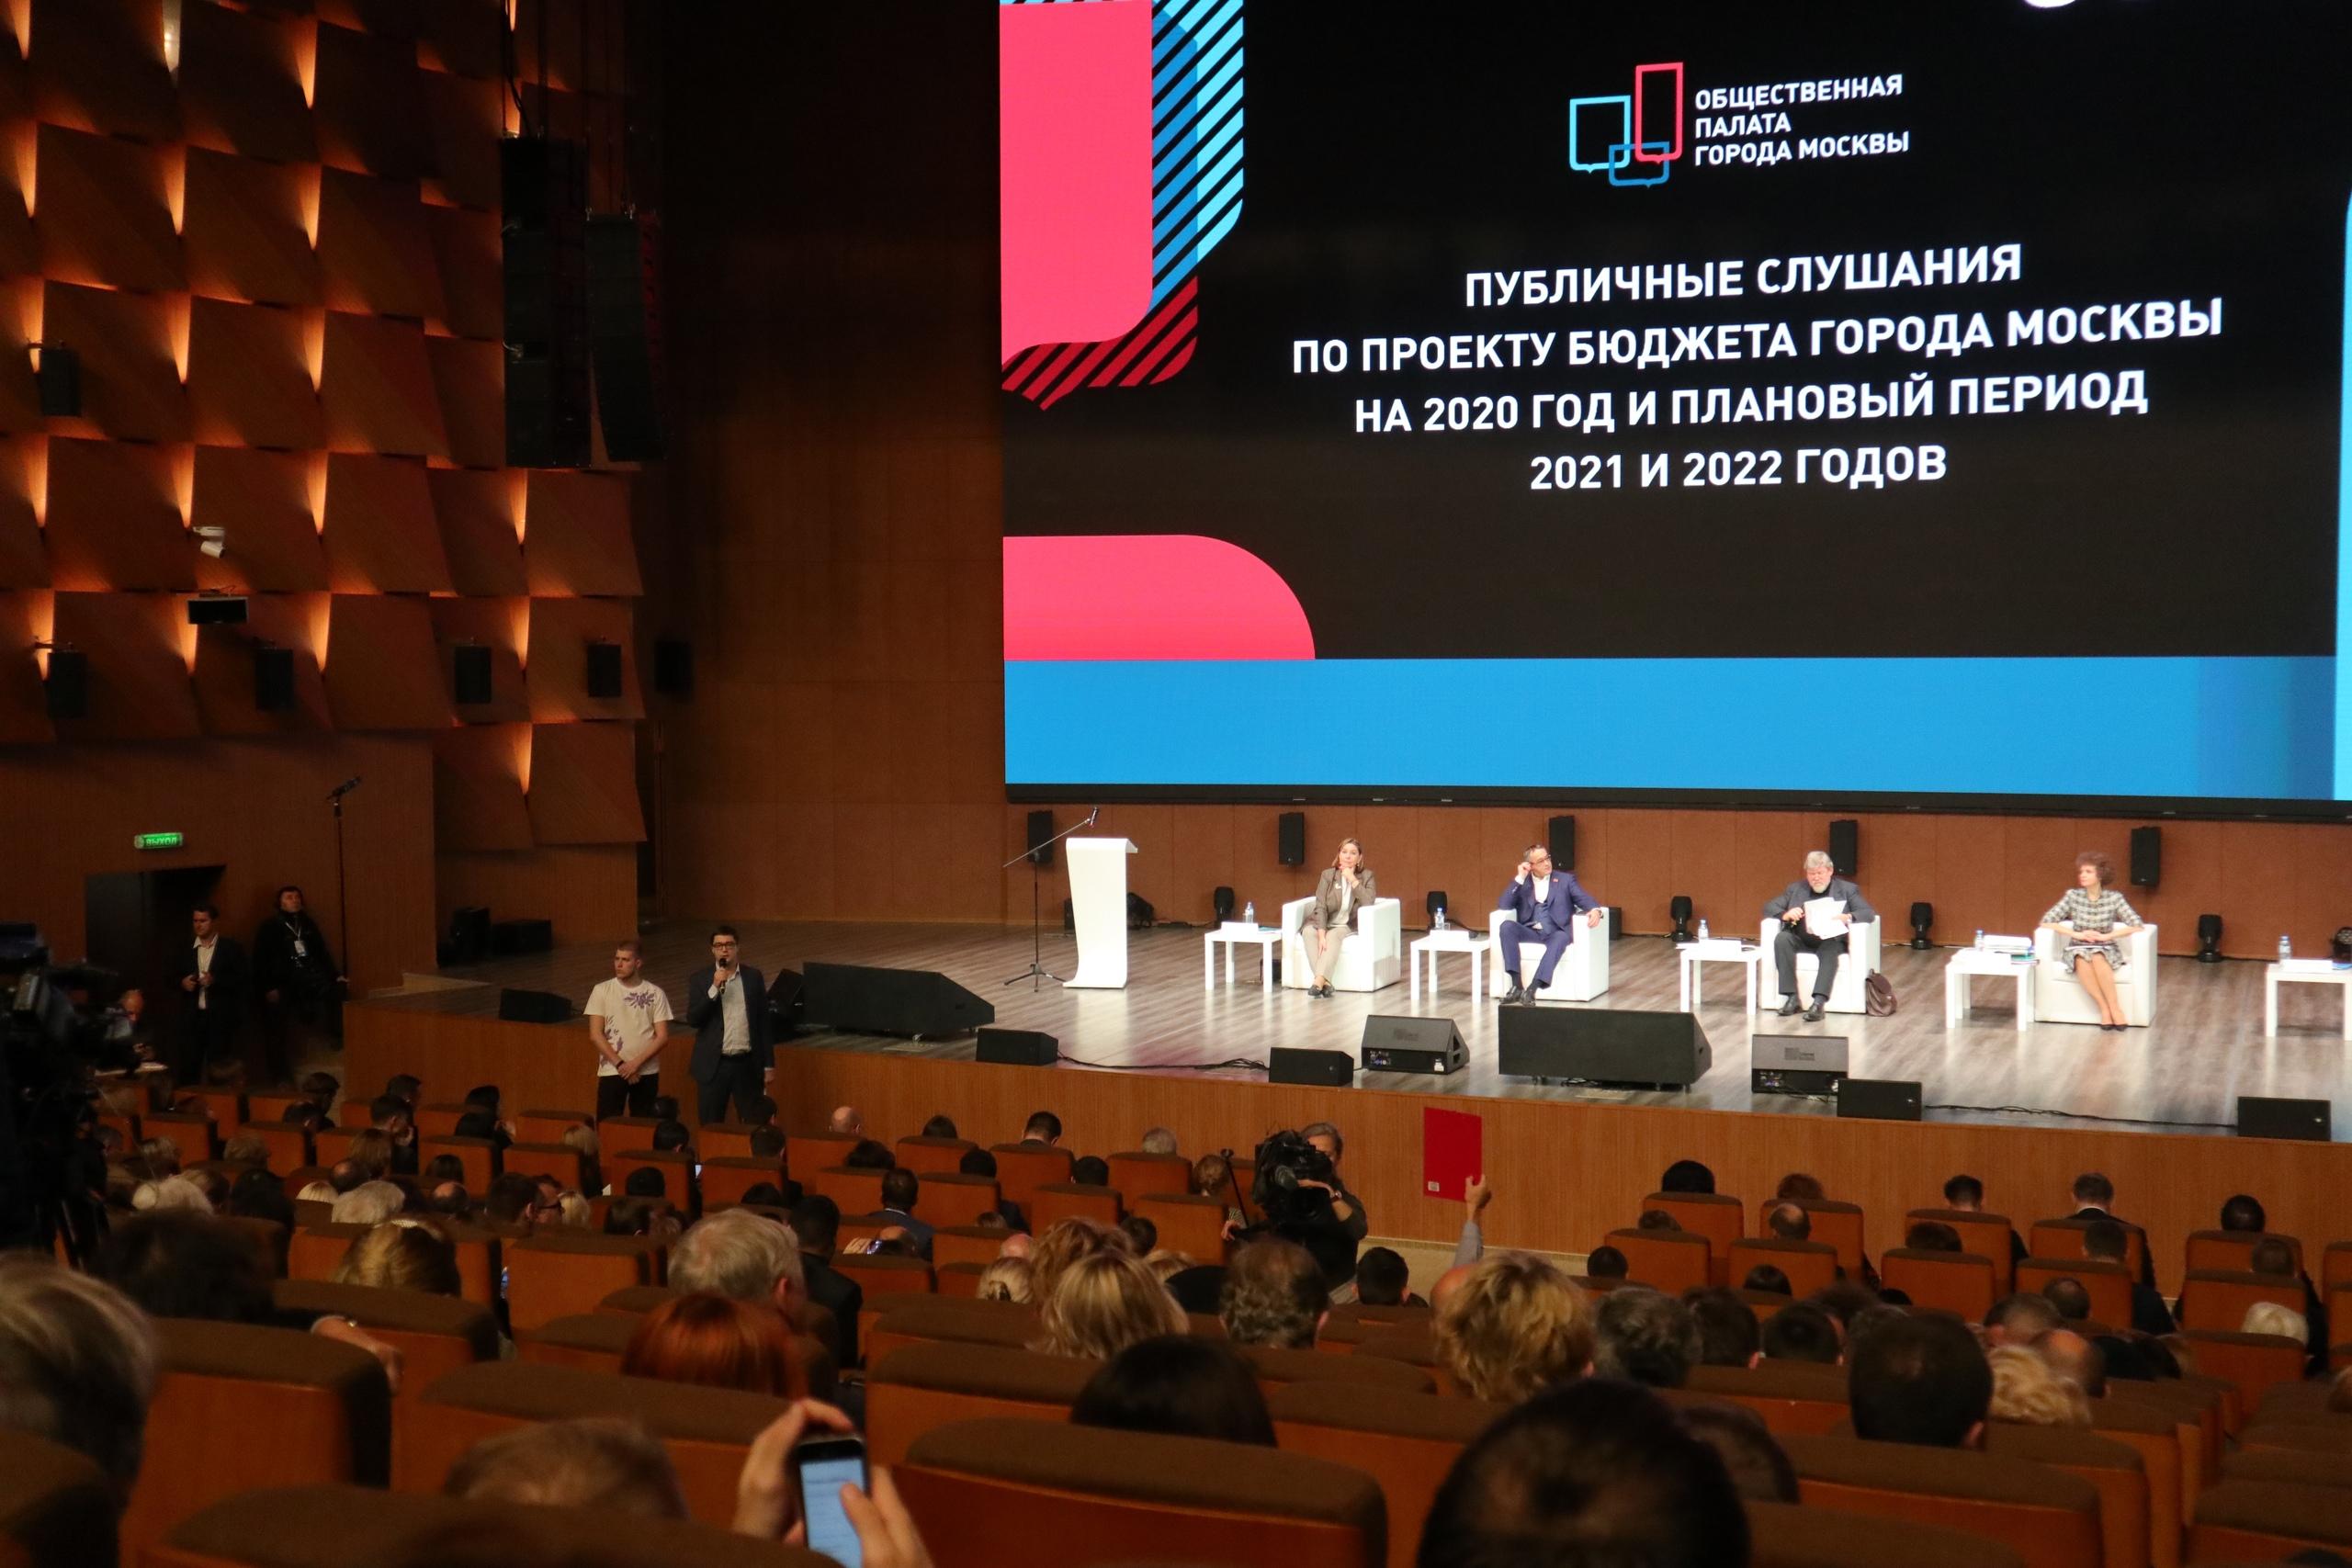 Куда пойдут наши денежки. Или публичные слушания по бюджету Москвы на 2020-2022 годы.